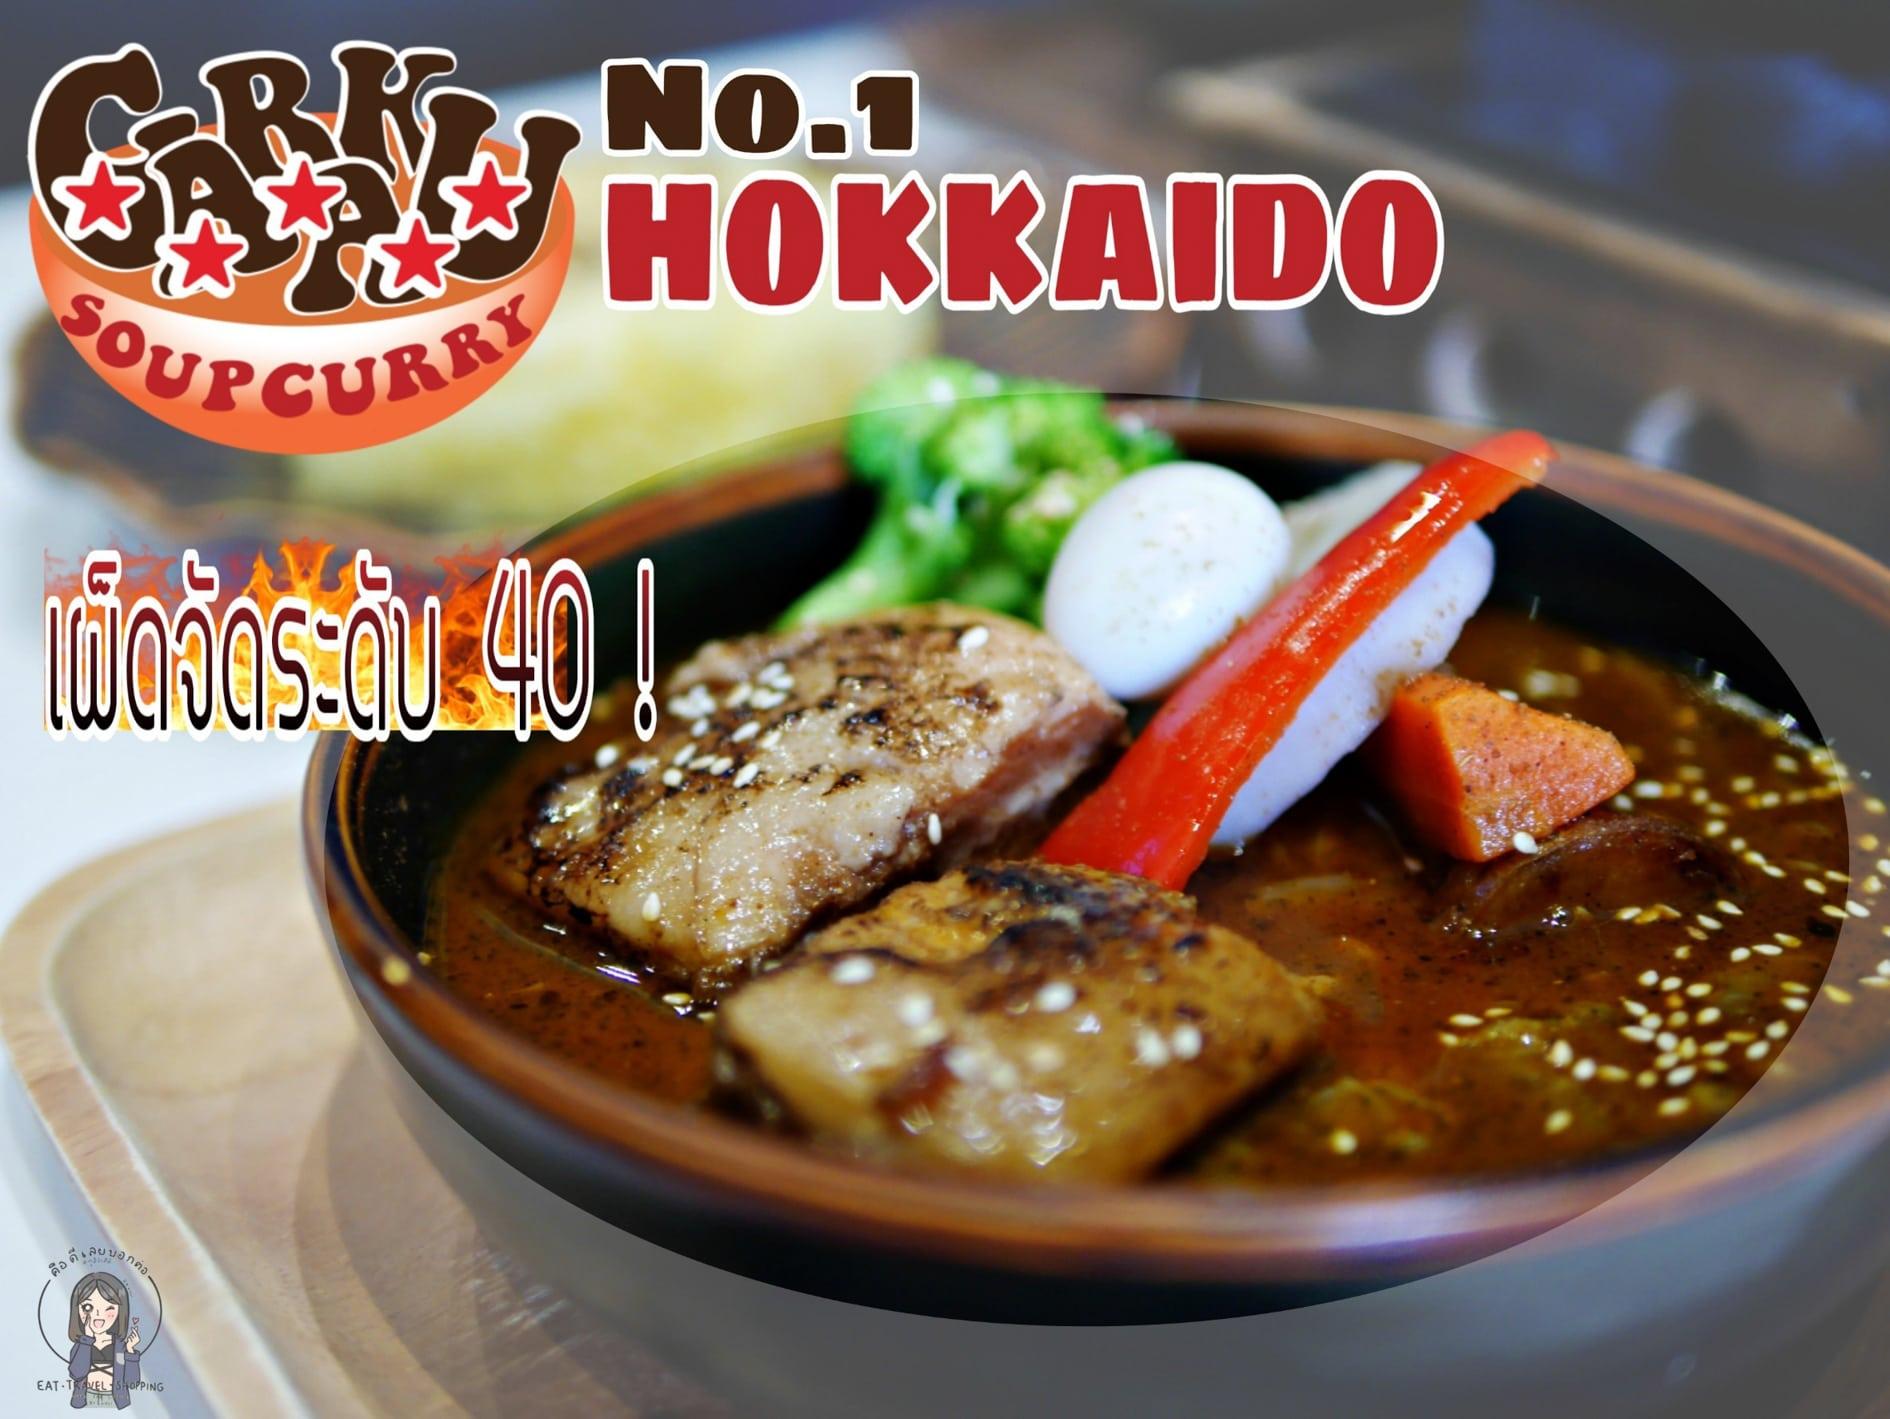 Garaku ซุปคาเร (Soup Curry) ร้านดังจากฮอกไกโด พร้อมเสิร์ฟแล้วที่ประเทศไทย